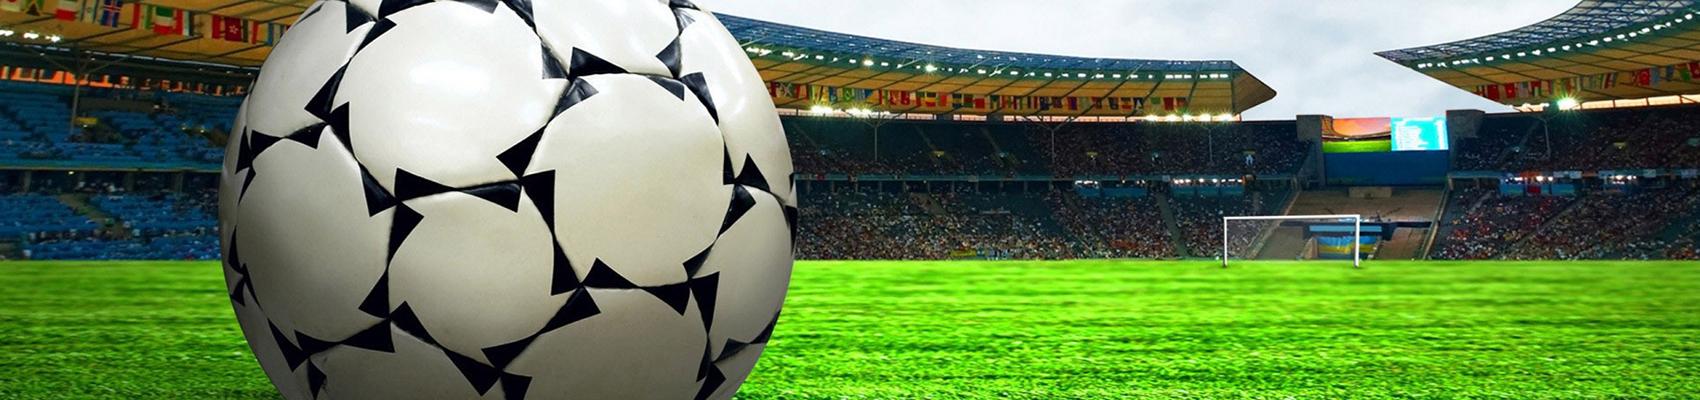 TotalSportfootballstadium